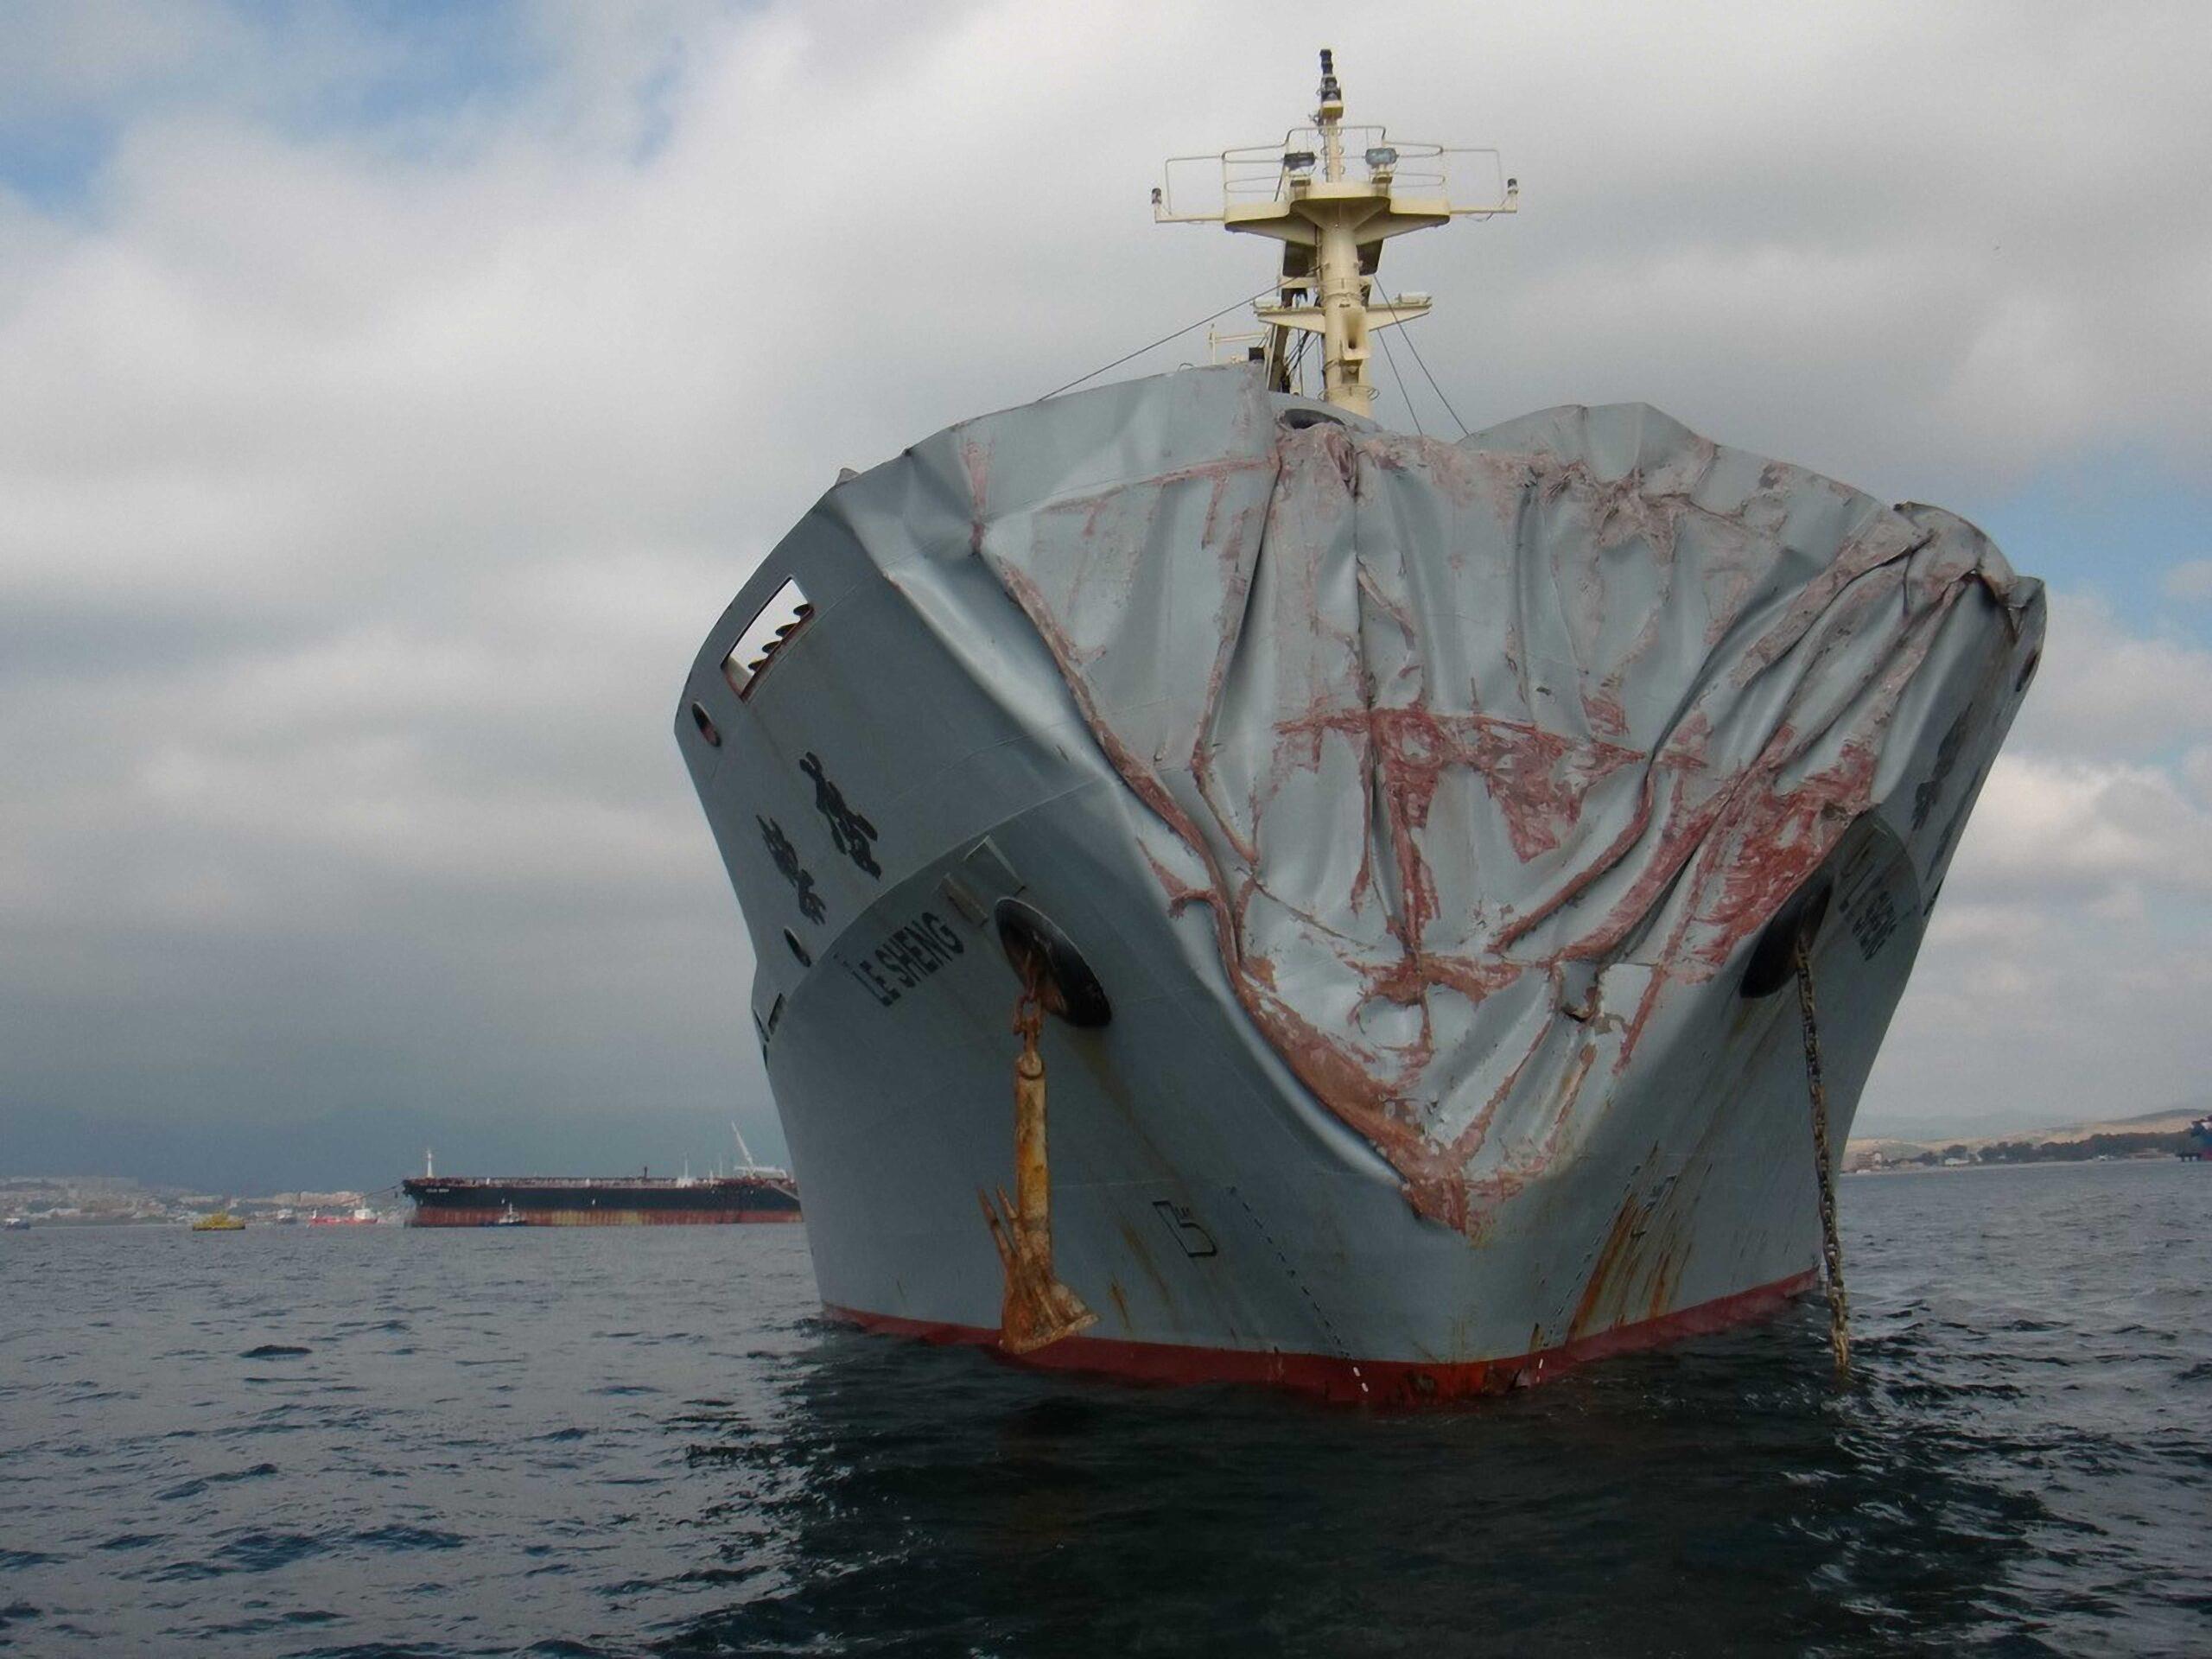 """Figura 1: Buque carga general chino """"LE SHENG"""" tras una pésima maniobra incumpliendo el RIPA en 2014, cerca de Gibraltar, colisionó con el granelero panameño """"CAPE MED"""", al fondo de la imagen (Foto facilitada por Carlos Duclos)"""